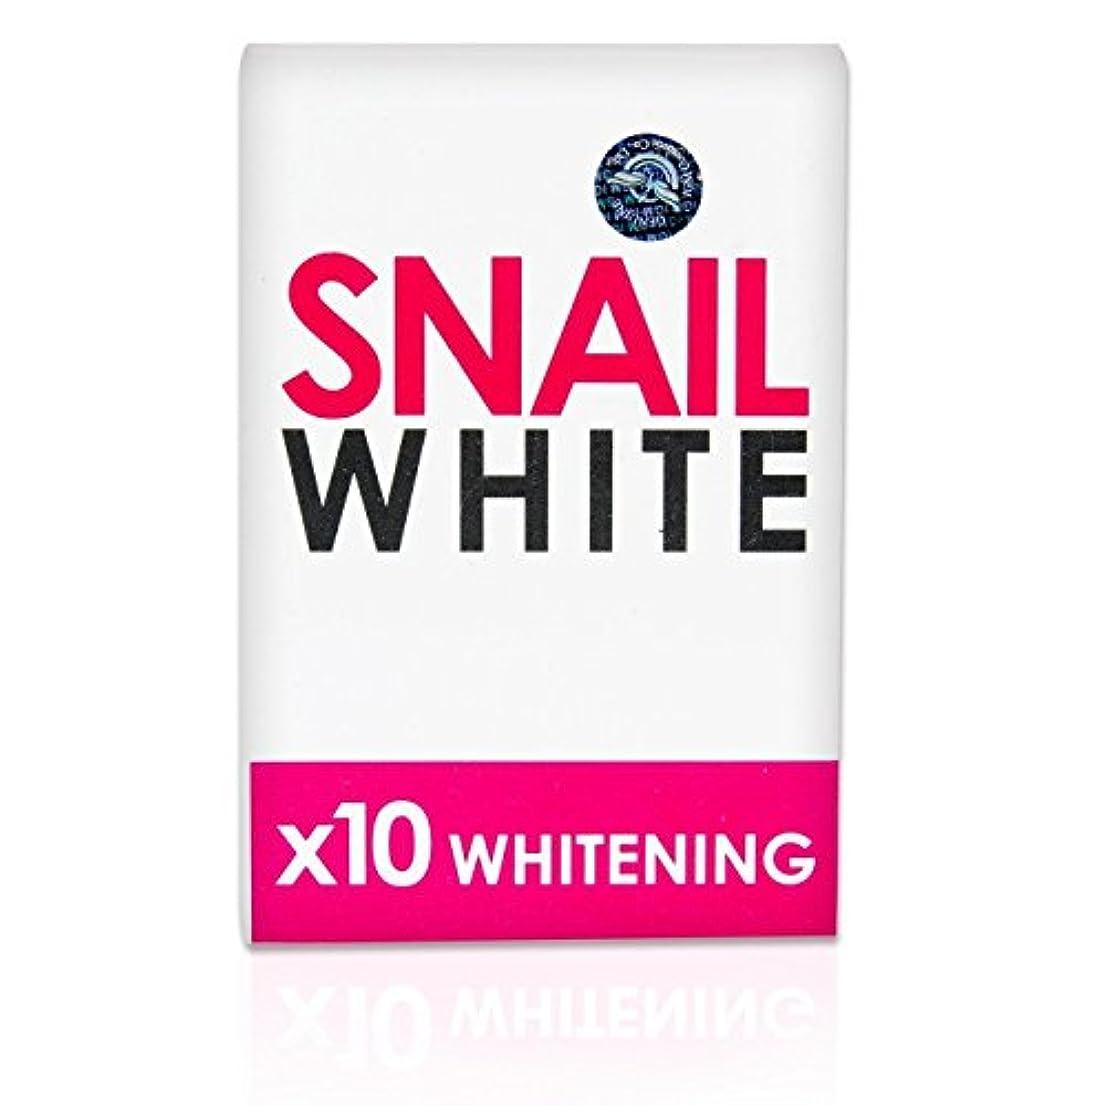 慈悲深いクラウド謙虚なSnail White Soap 10x Whitening Power 70g.,dark Spots Damage Skin Face & Body.(Good Services) by Snail